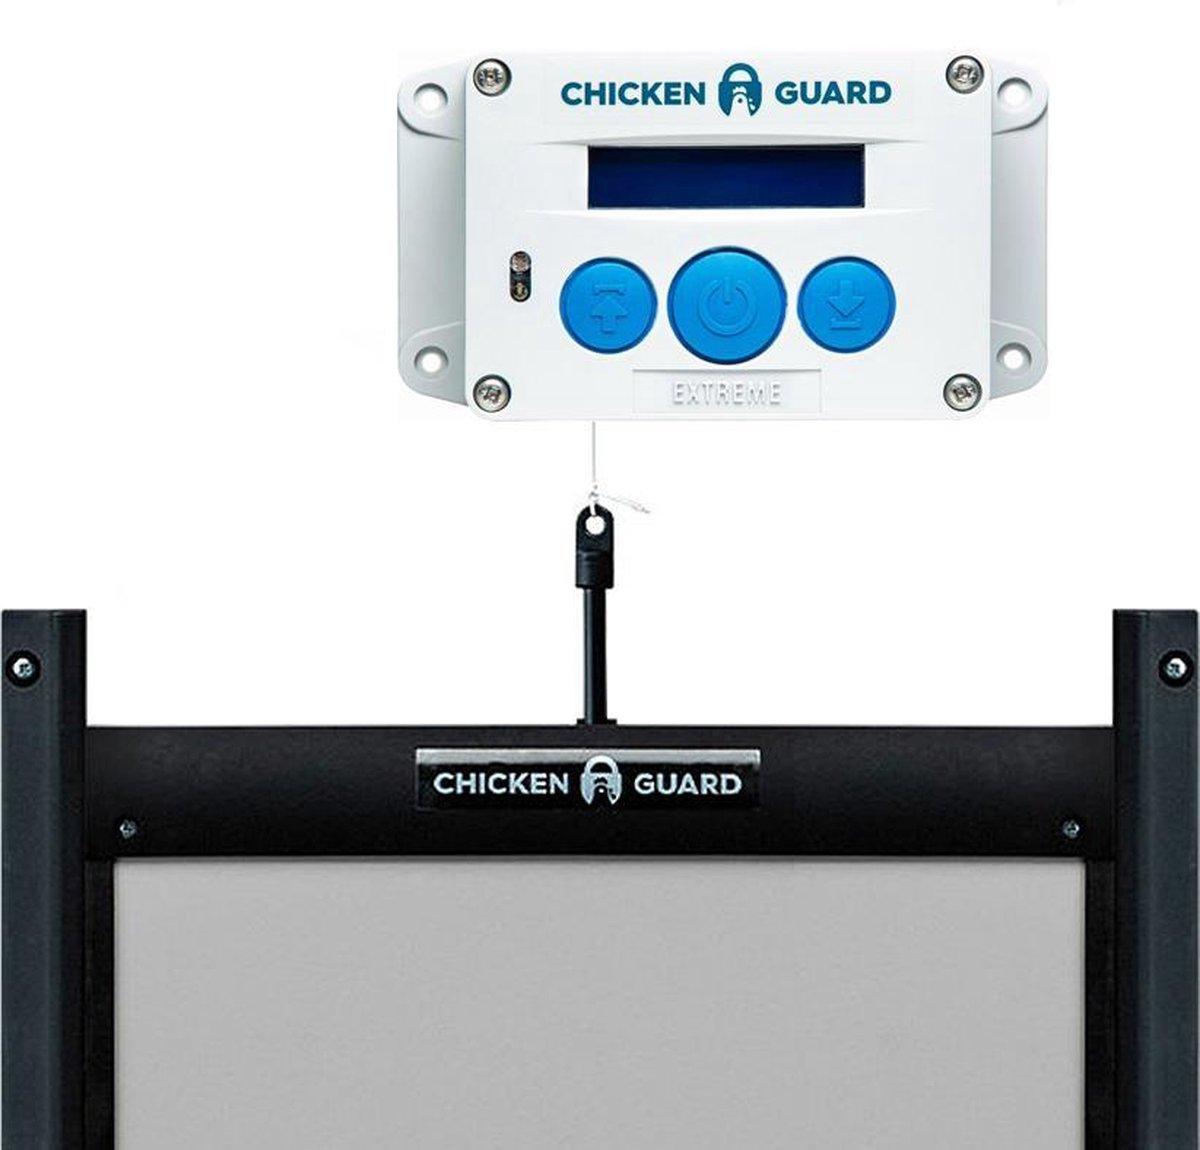 Chickenguard Extreme - op batterijen en zelfsluitende deur